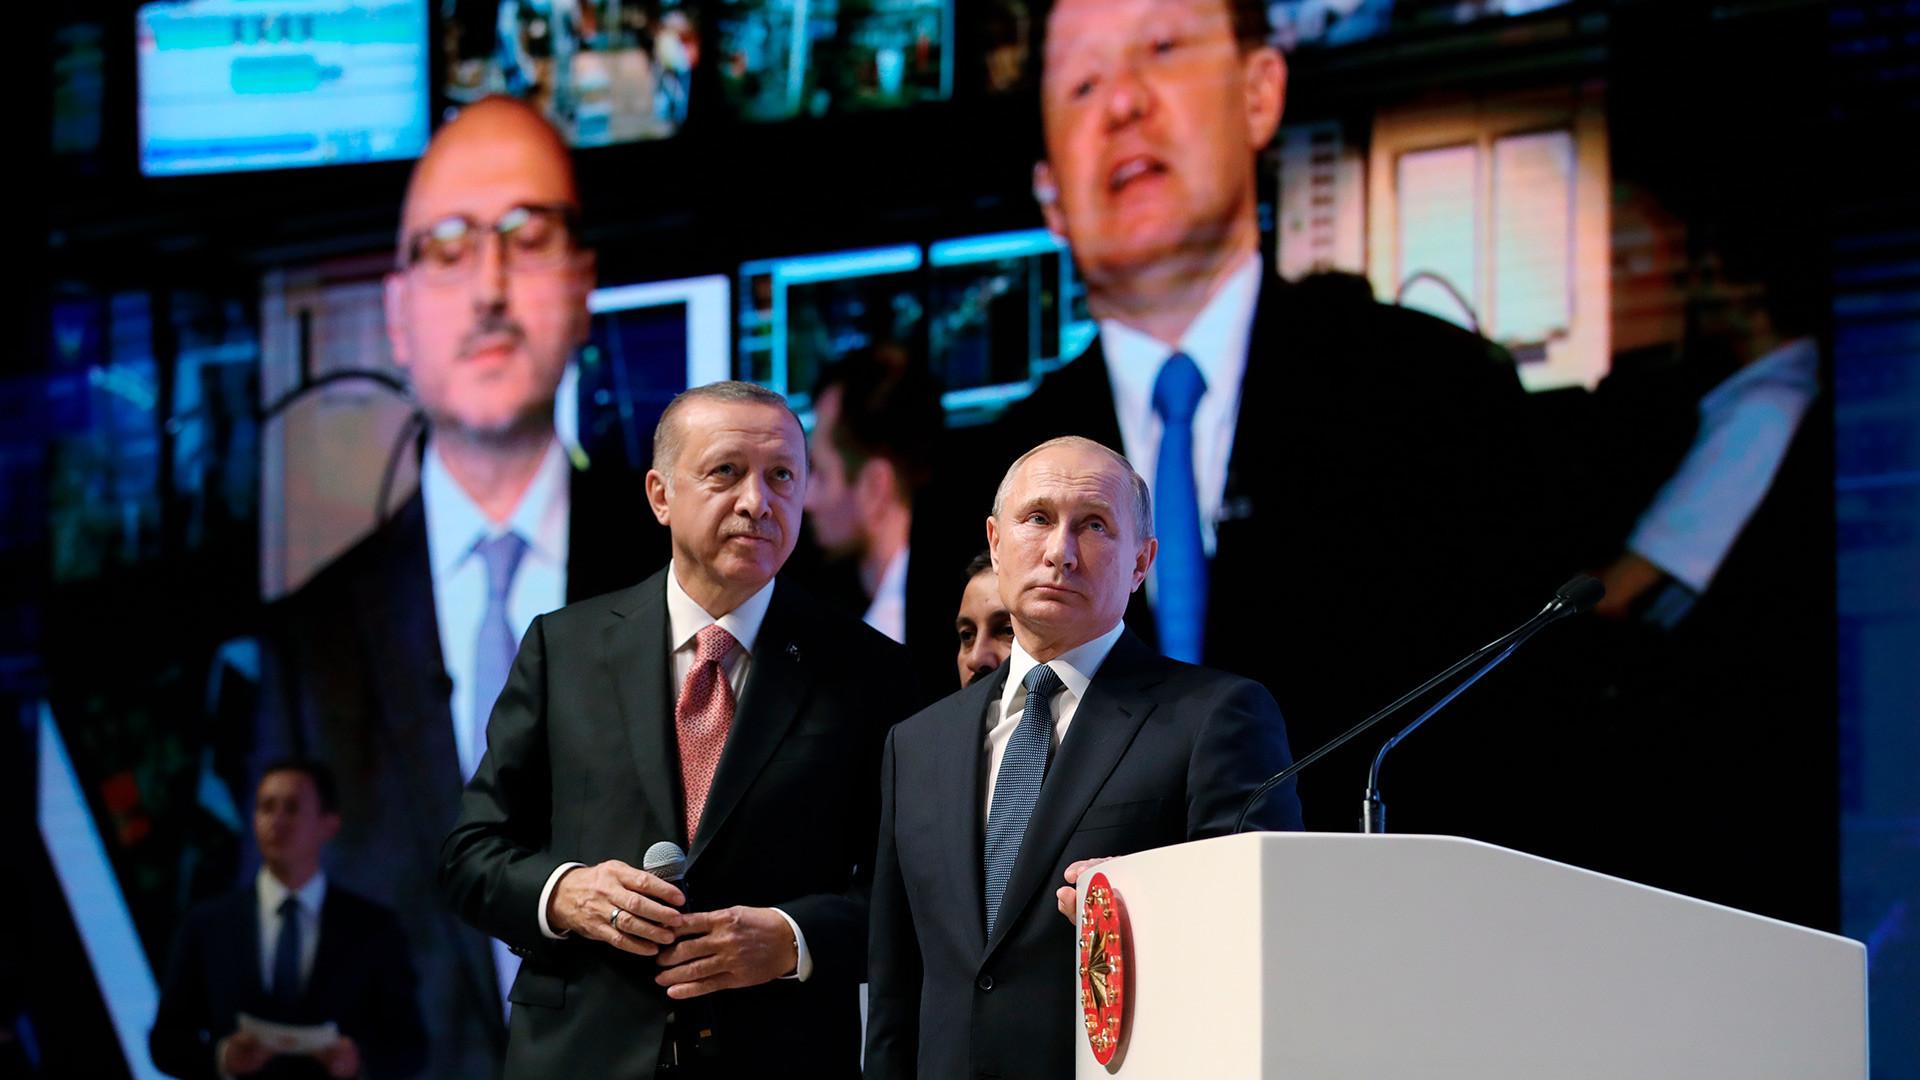 Vladímir Putin y Recep Tayyip Erdogan en la ceremonia de inauguración